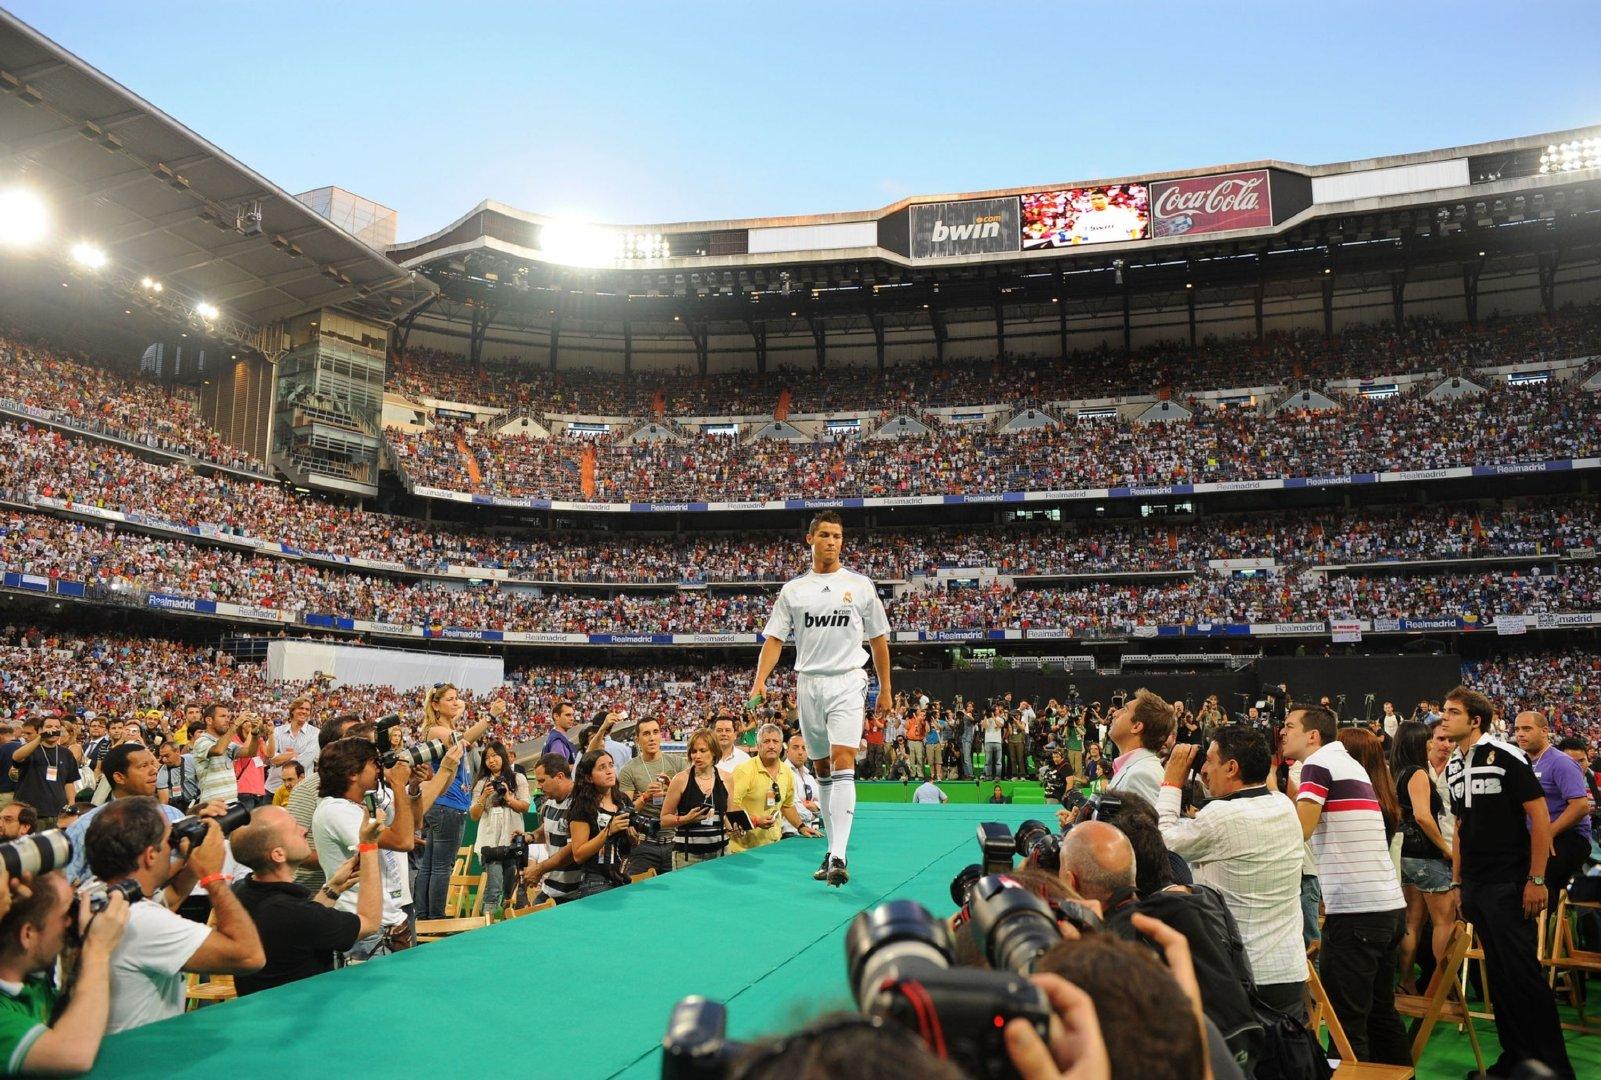 2009年7月6日,克里斯蒂亚诺罗纳尔多正式亮相伯纳乌!